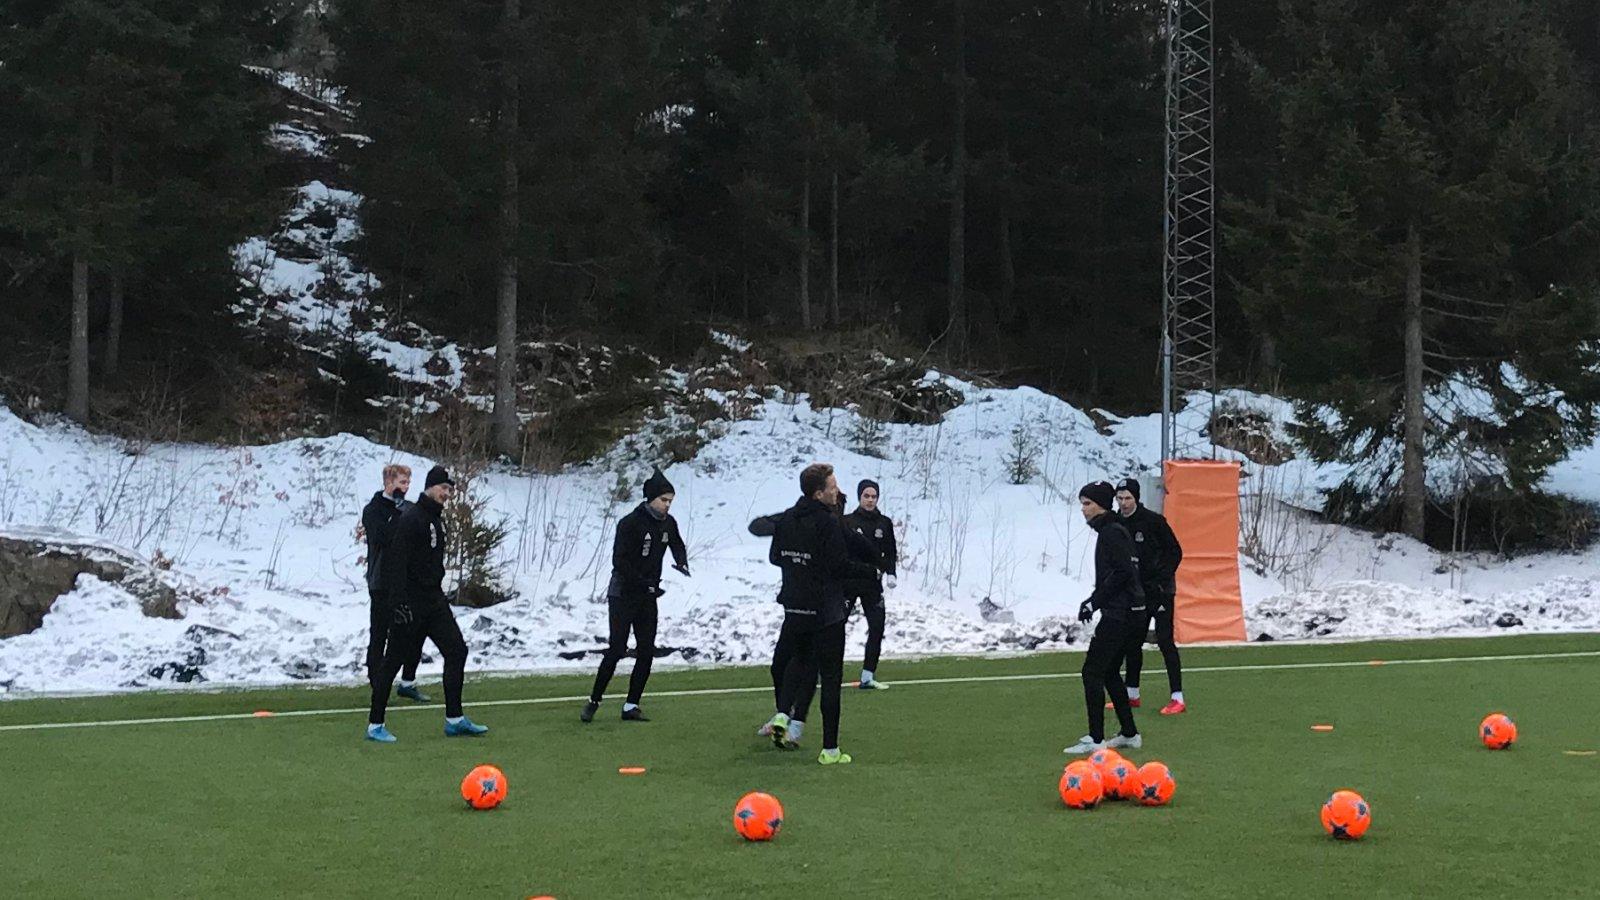 Det har vært så tynt på treningsfeltet de siste dagene at treningskampen mot Vindbjart i Sørlandshallen fredag må avlyses for Arendals del.